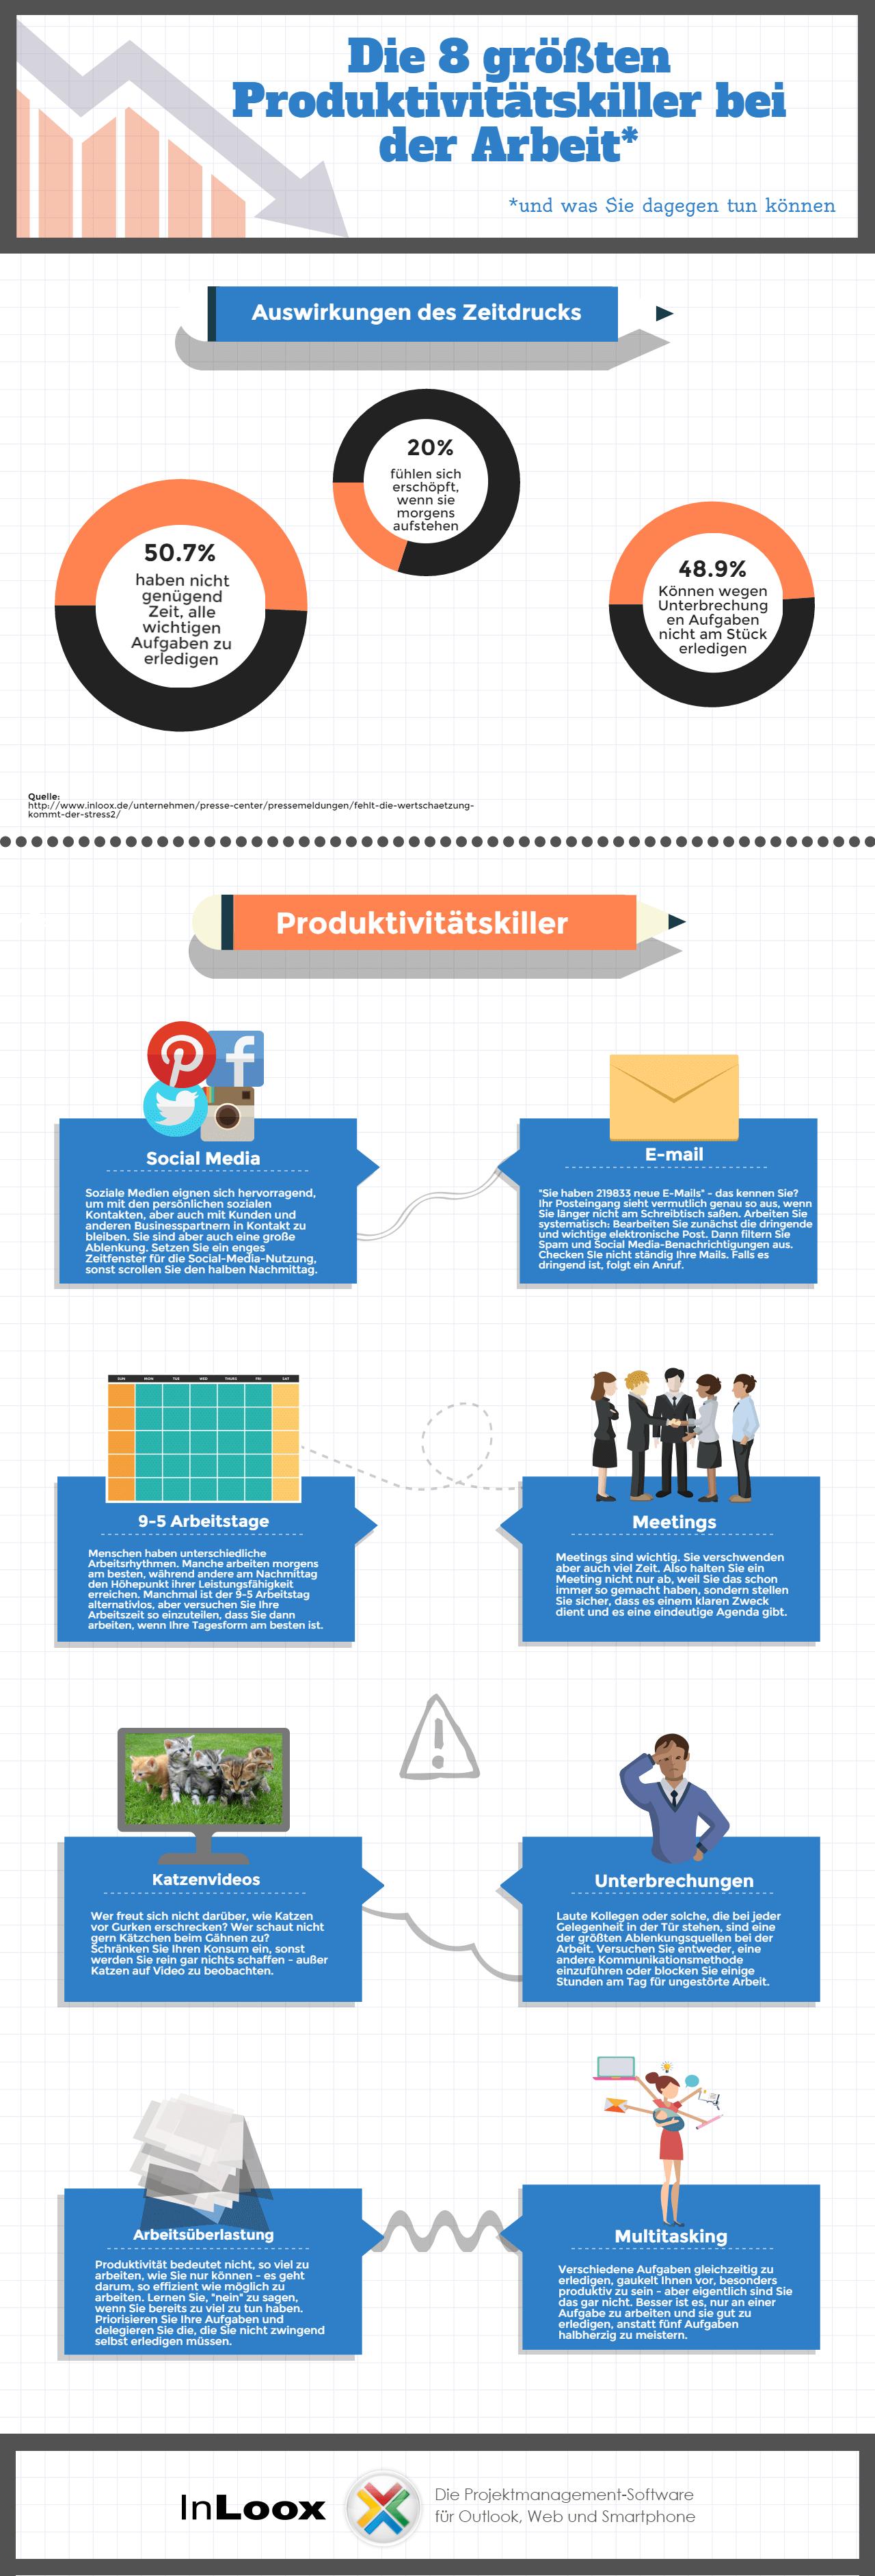 InLoox | Die größten Produktivitätskiller bei der Arbeit